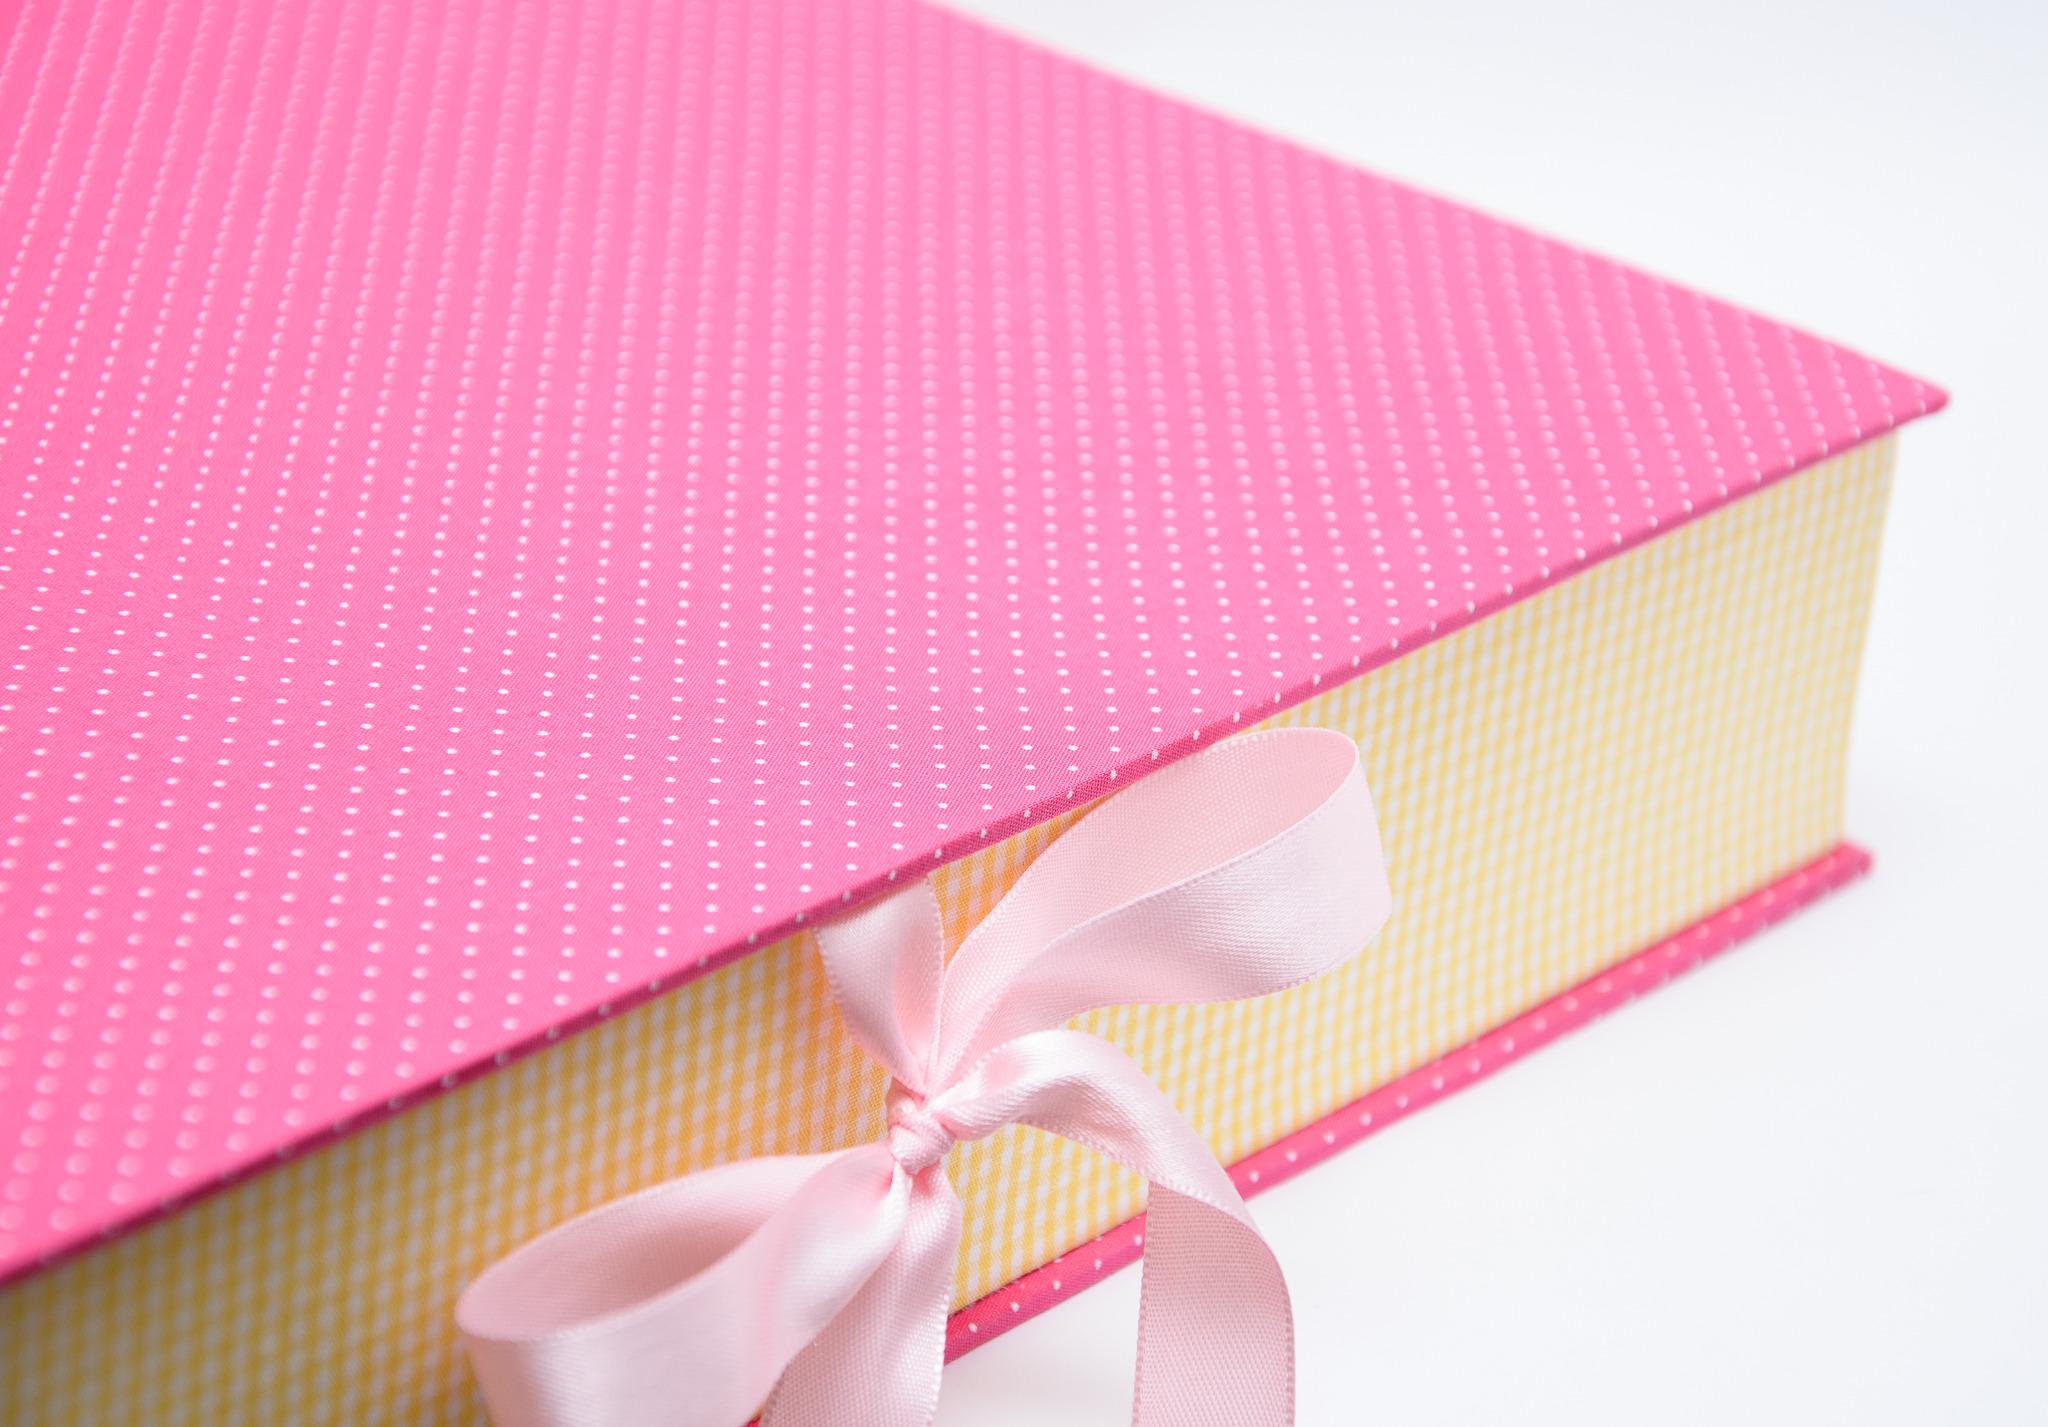 Oficina de cartonagem caixa livro elo7 for Oficina de caixa